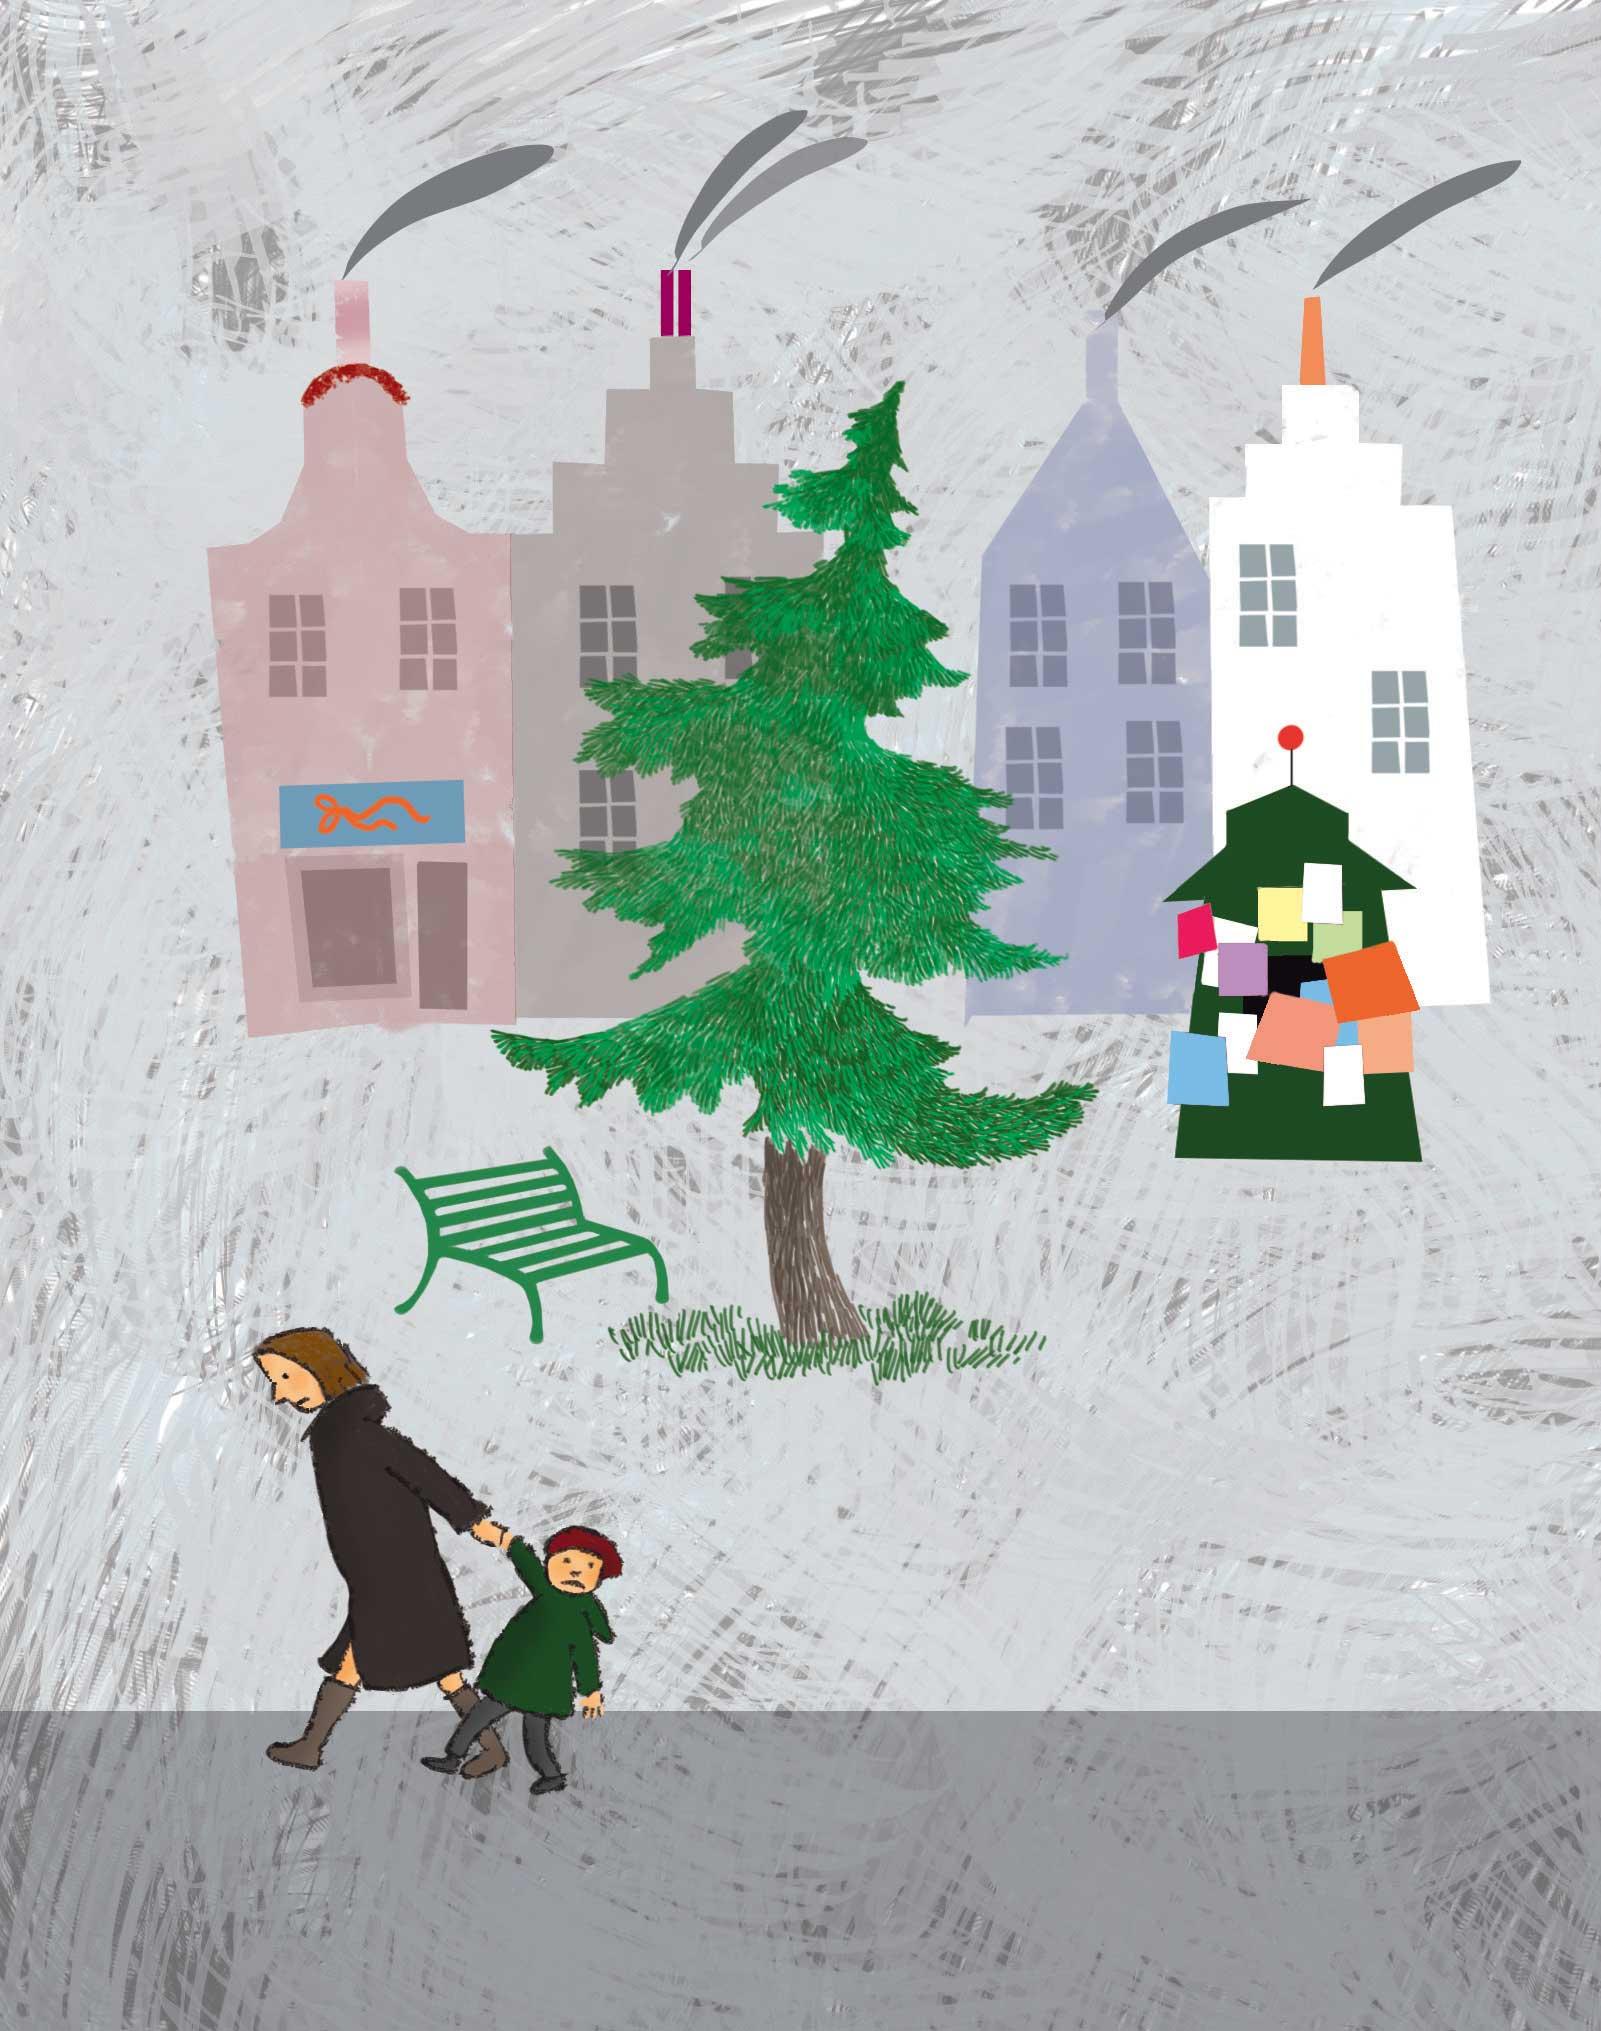 Bussolati, Piazzetta Natale, libro illustrato per bambini di Natale, Le rane Interlinea